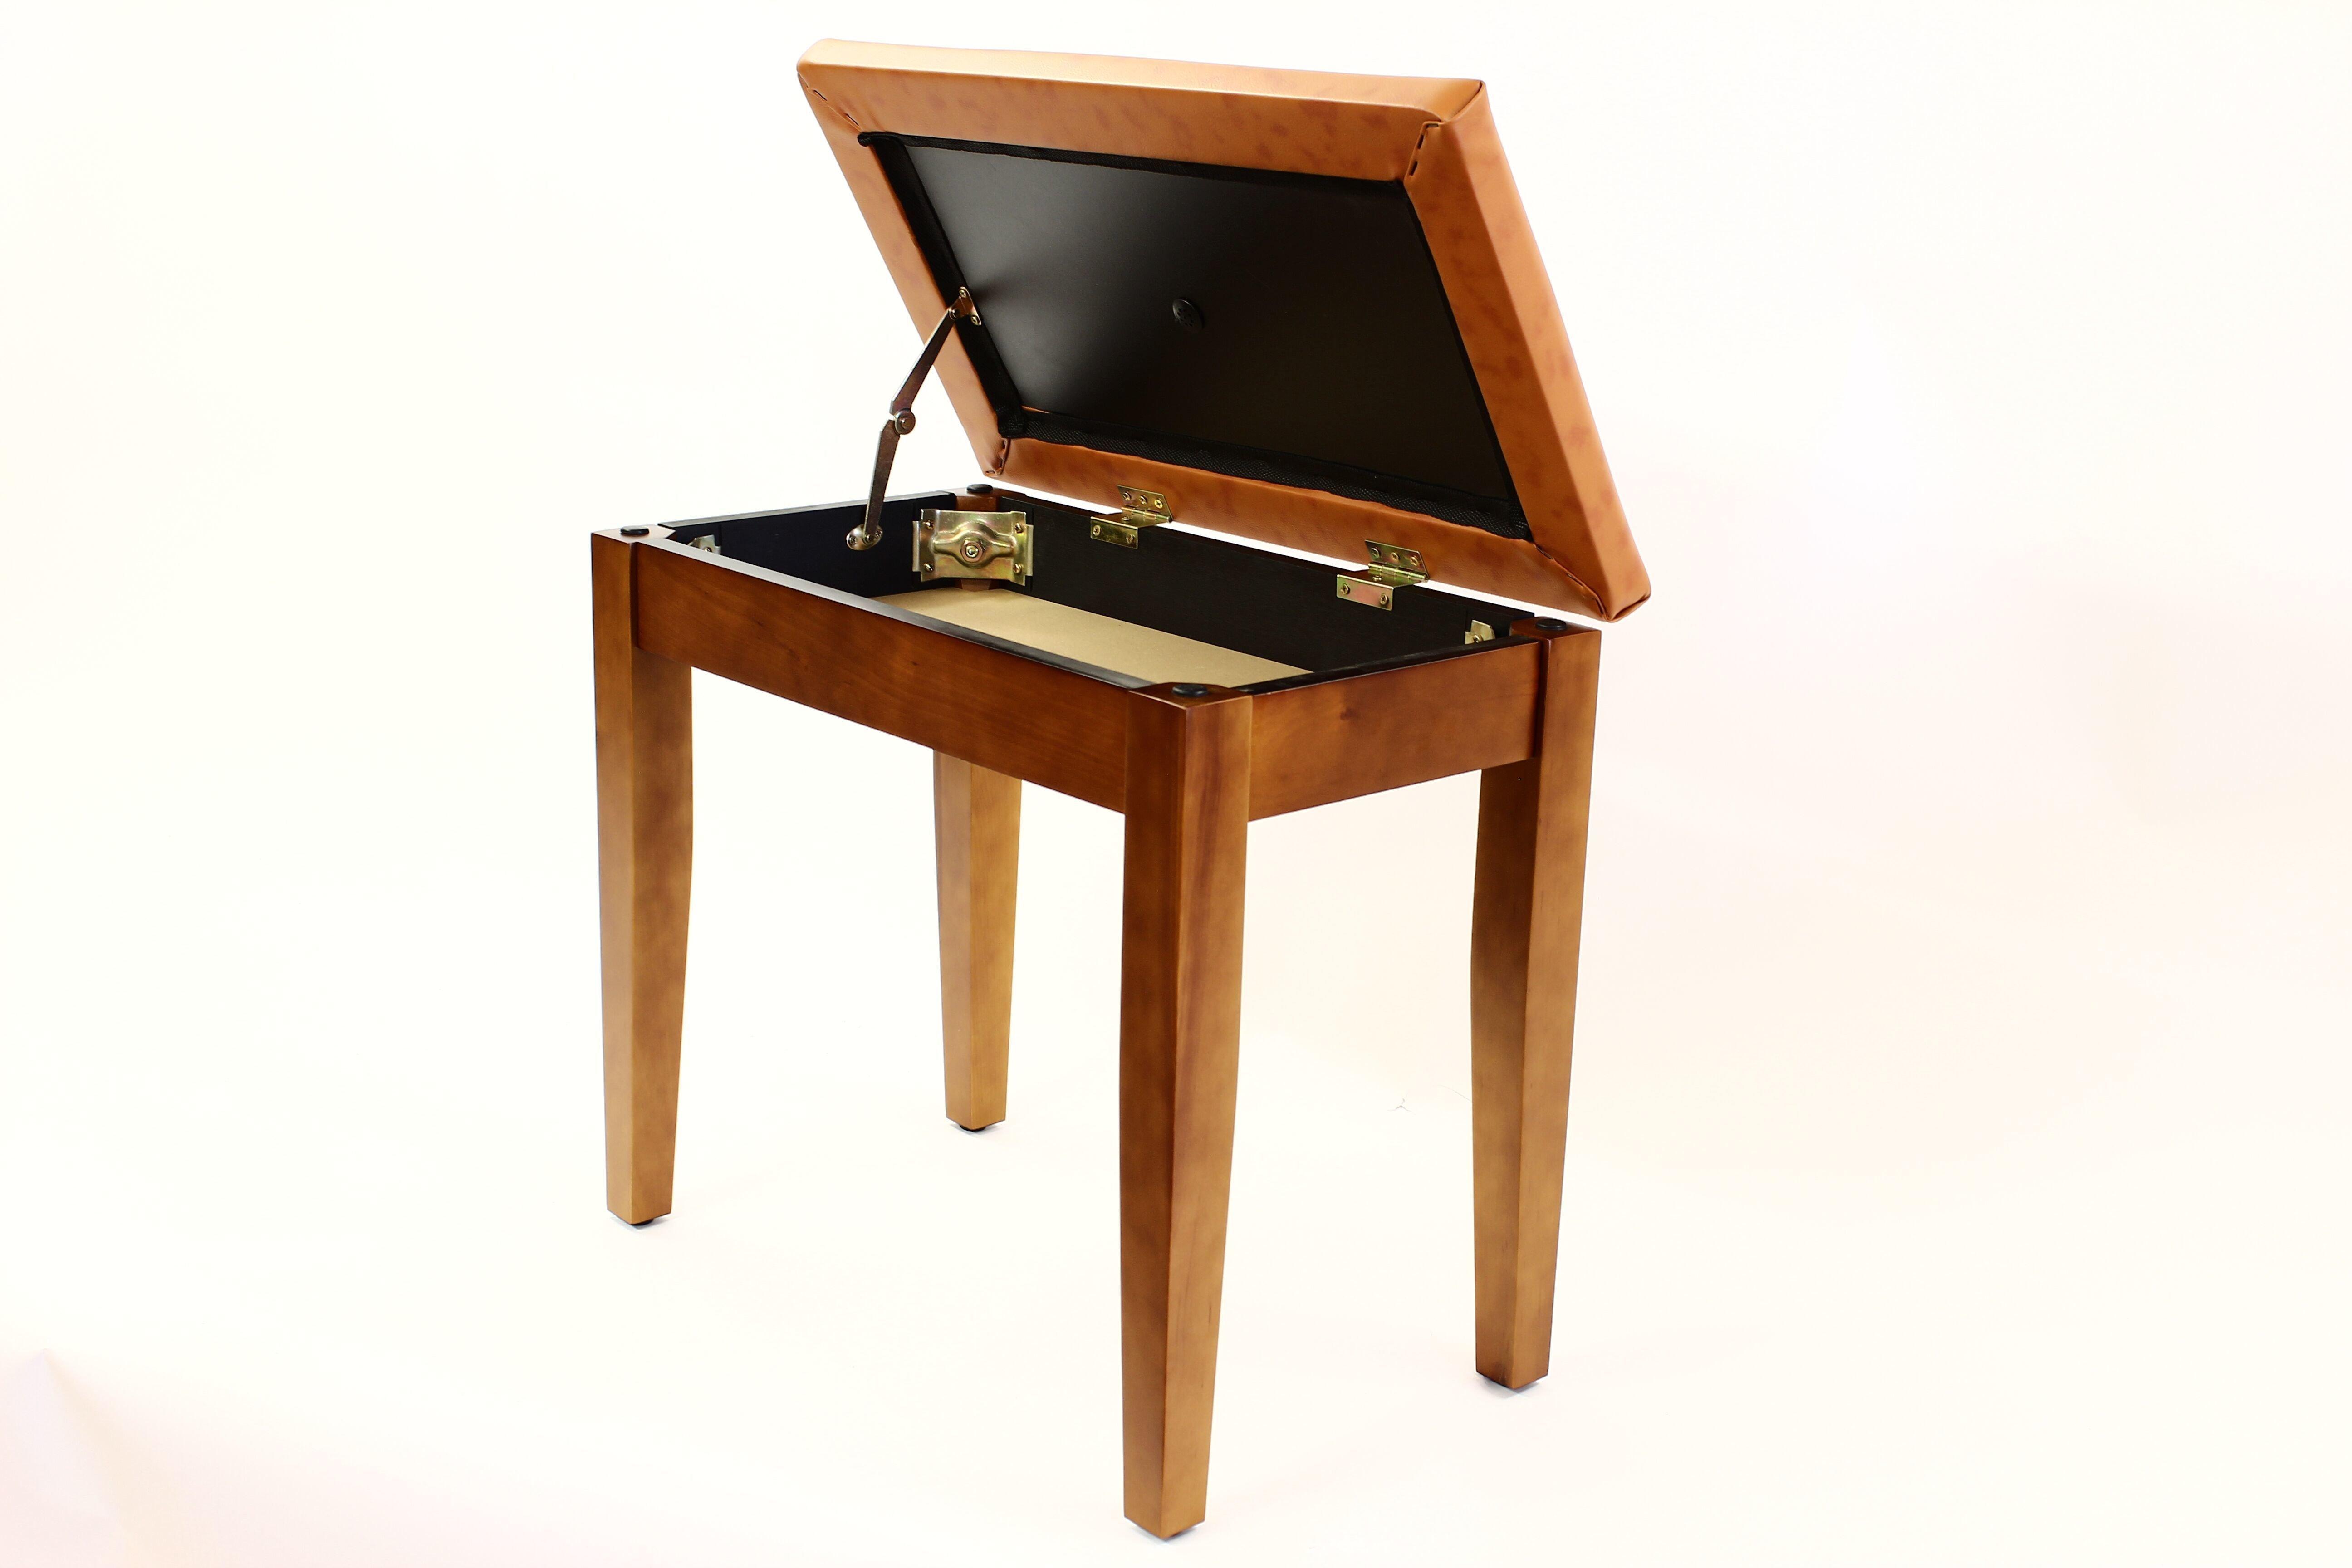 Coda Piano Stool Walnut with Storage